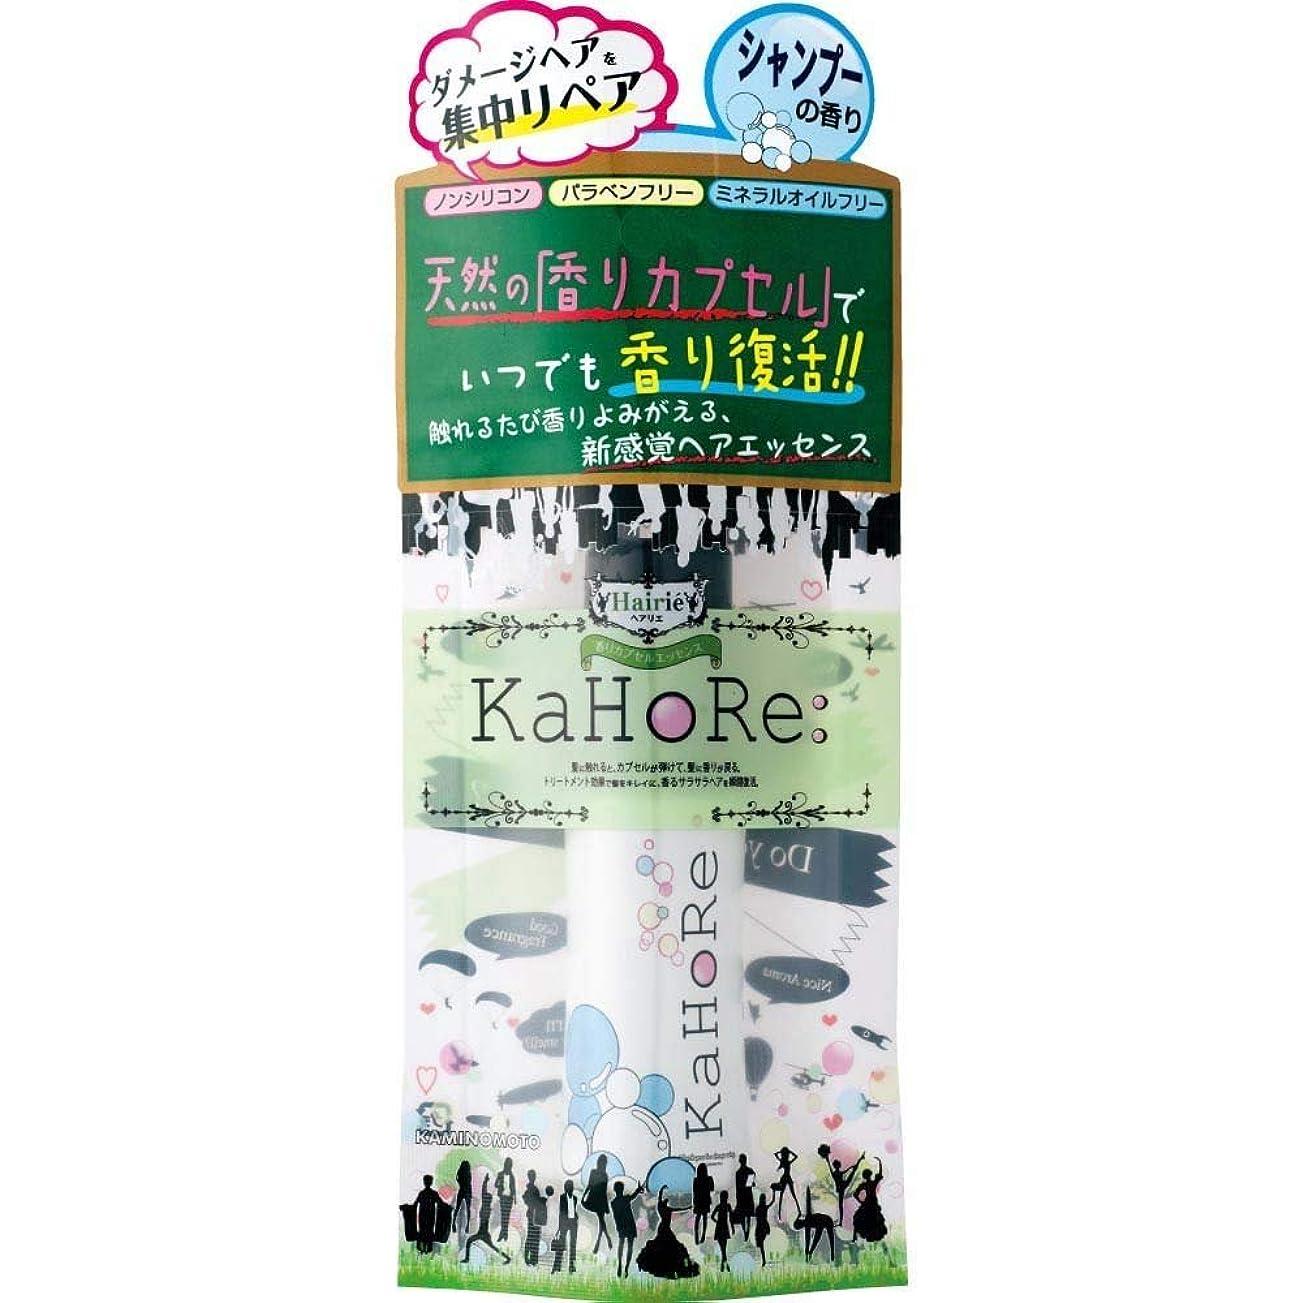 質素なクリップ異邦人ヘアリエ KaHoRe ヘアエッセンス 洗いたてのシャンプーの香り 30g×6個